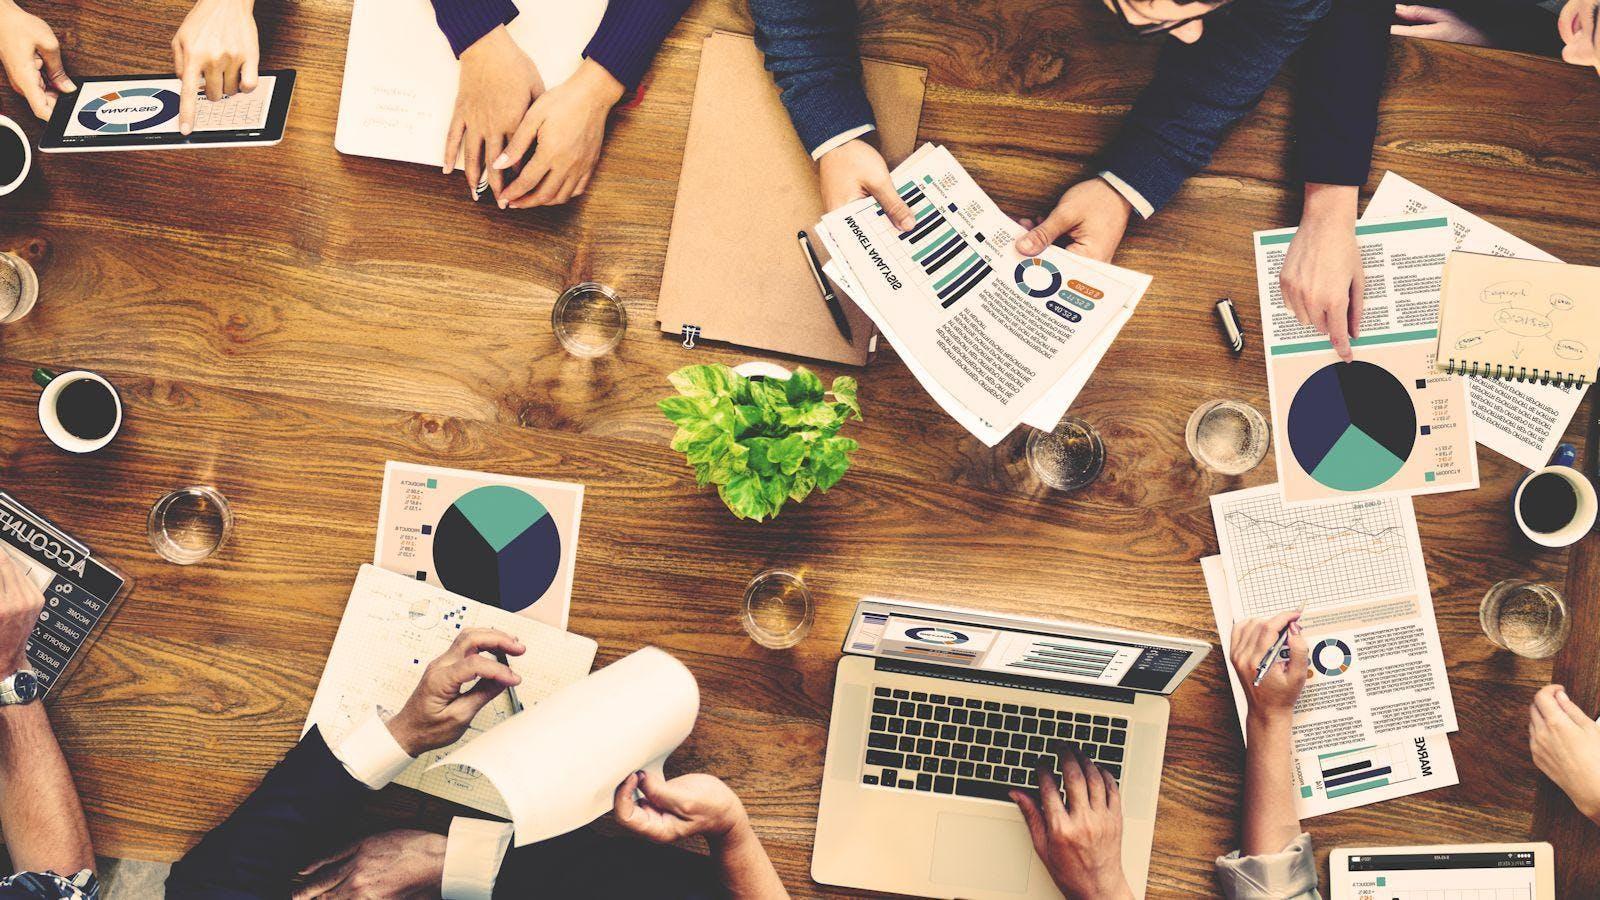 Motivation, Employee Engagement and Productiv